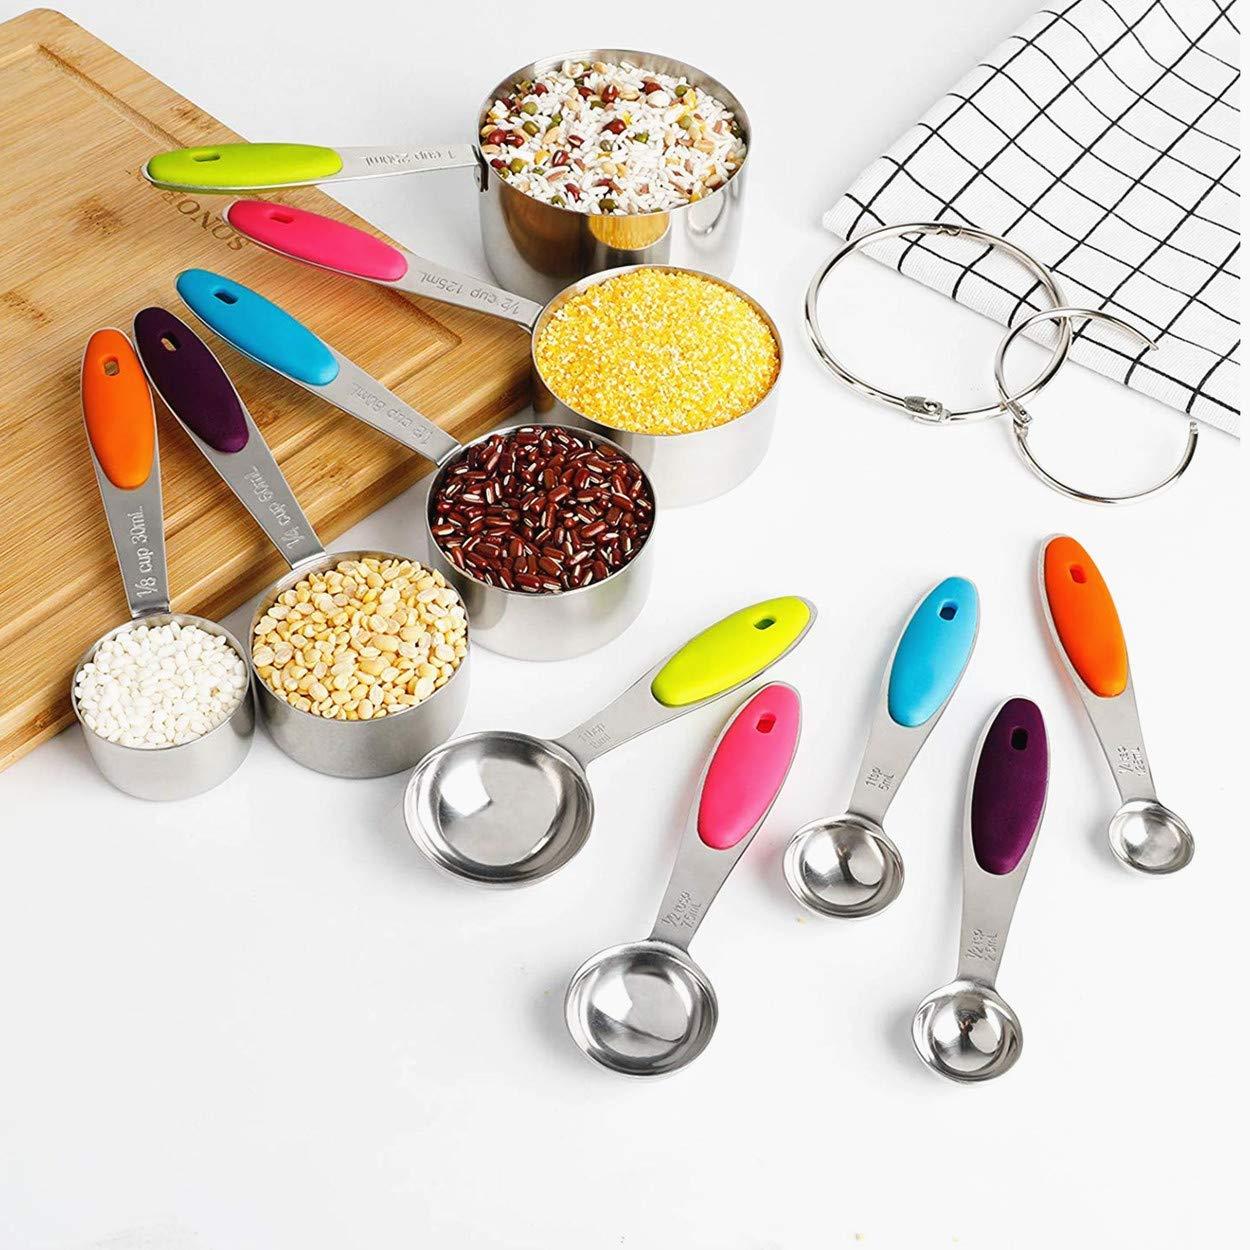 Set de Tazas y cucharas medidoras de Acero Inoxidable,Neloodony Juego de 12,silicona antideslizante adecuado para ingredientes secos y l/íquidos para cocina horneando.